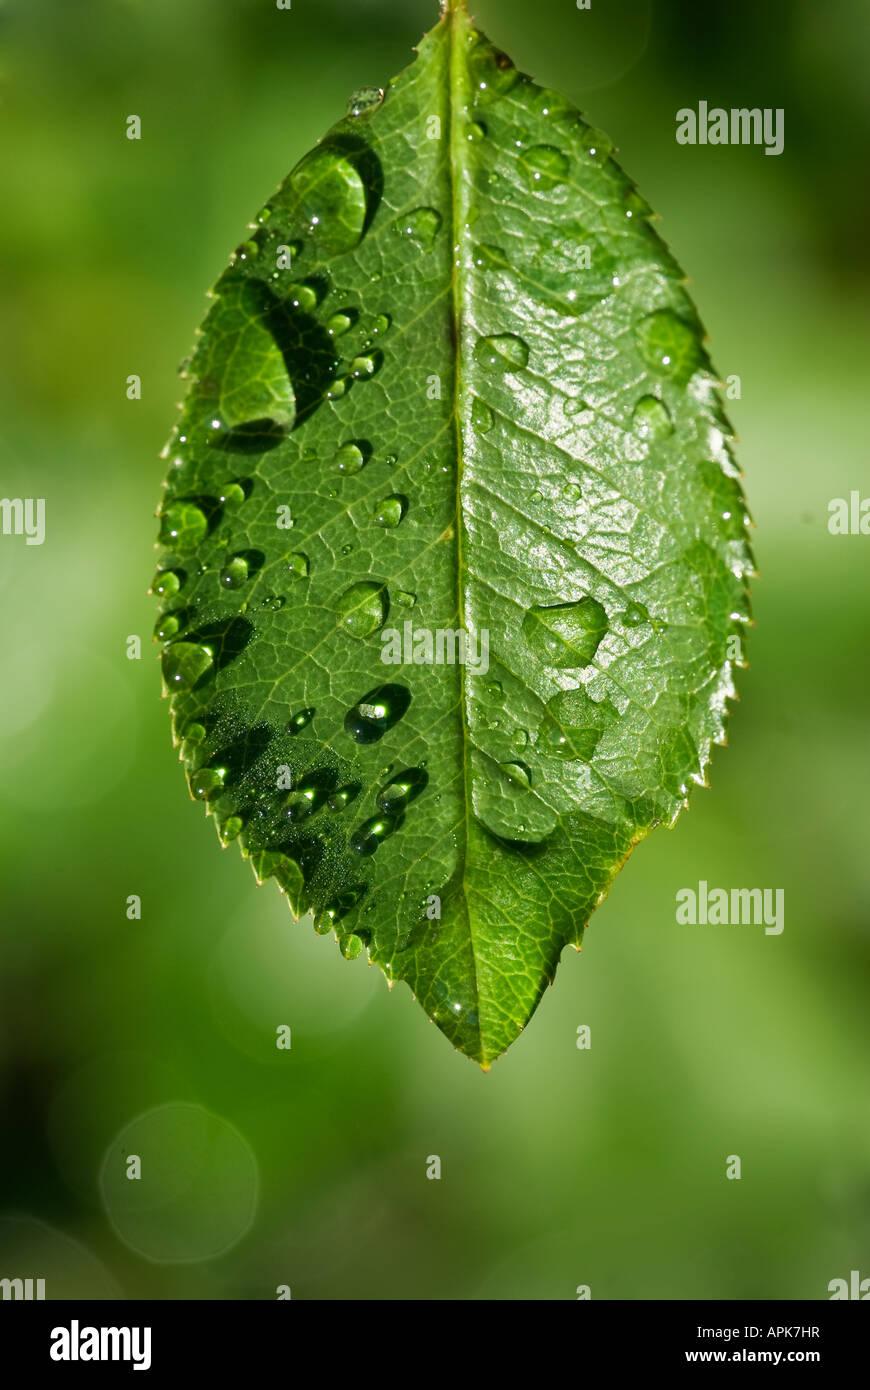 Chiara di gocce di acqua su un delicato verde foglia Immagini Stock